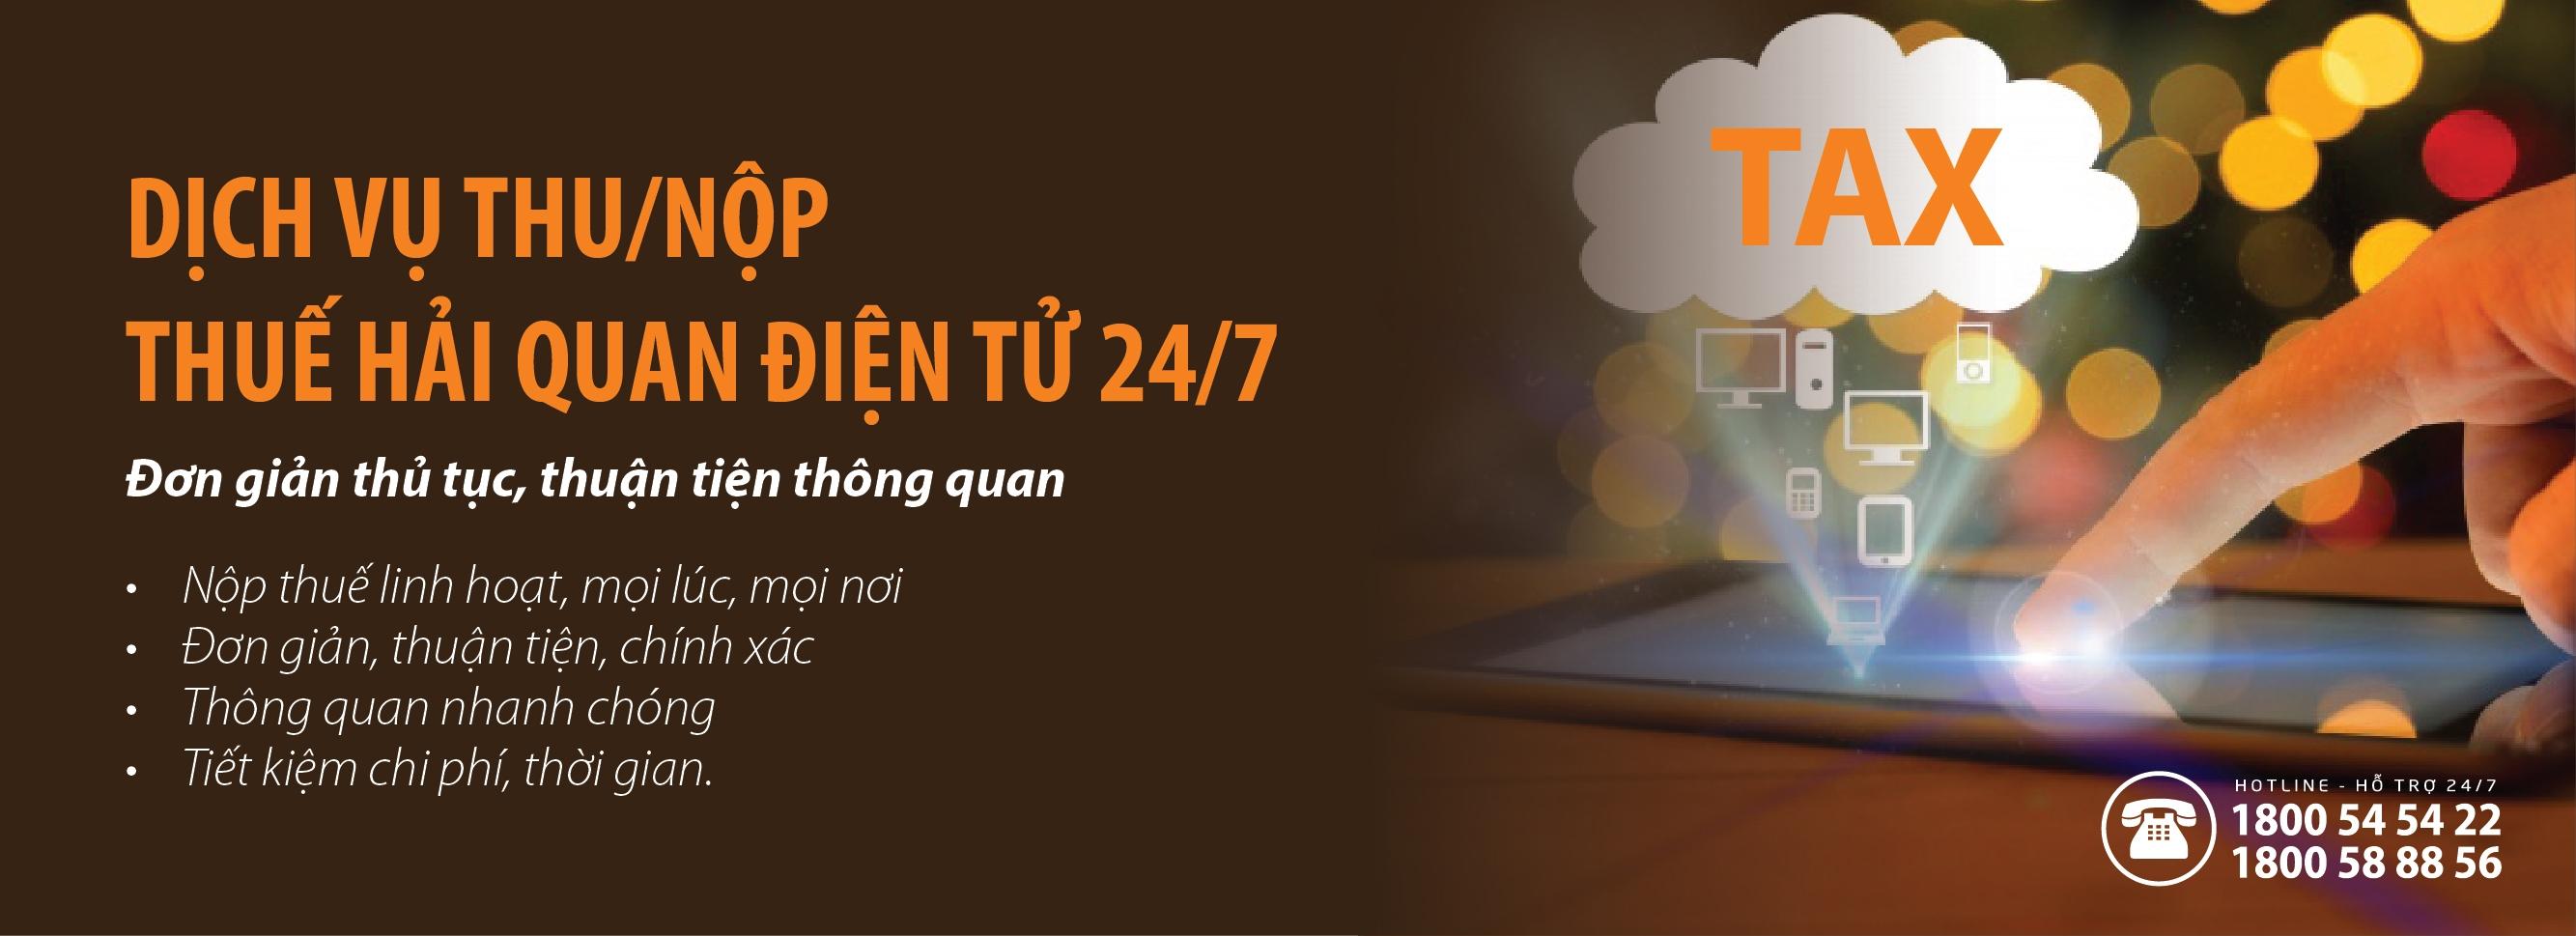 SHB triển khai dịch vụ thu nộp thuế hải quan điện tử 24/7